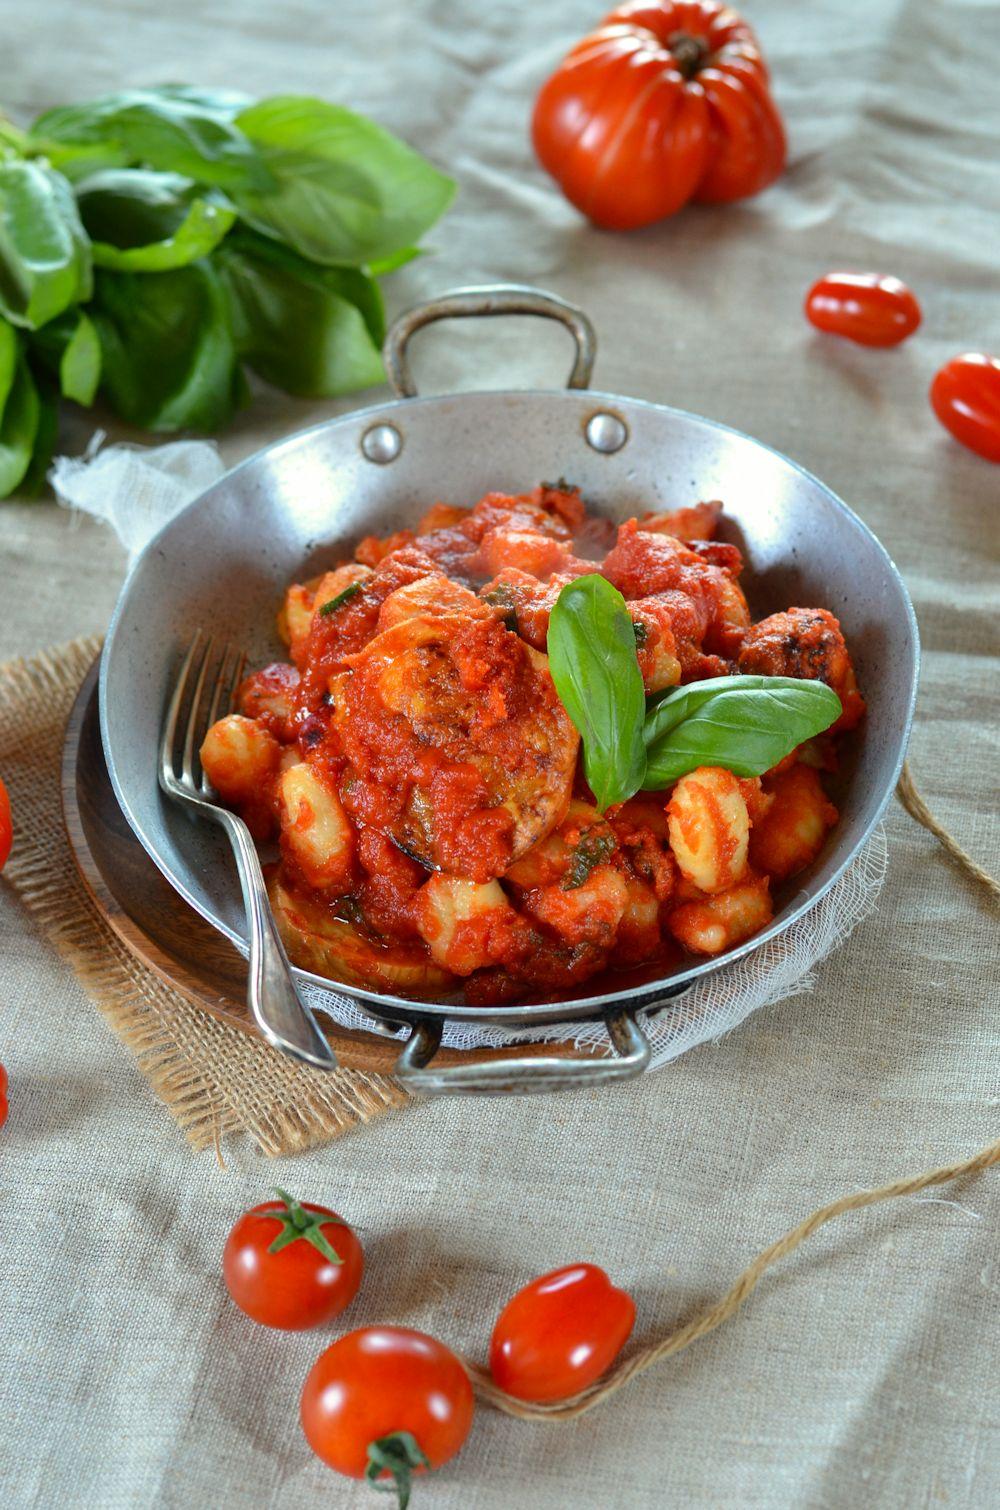 Gratin de gnocchi sauce tomate, basilic et mozzarella fumée. Facile à faire et délicieuse, la recette est à retrouver sur le blog de cuisine tangerinezest.com